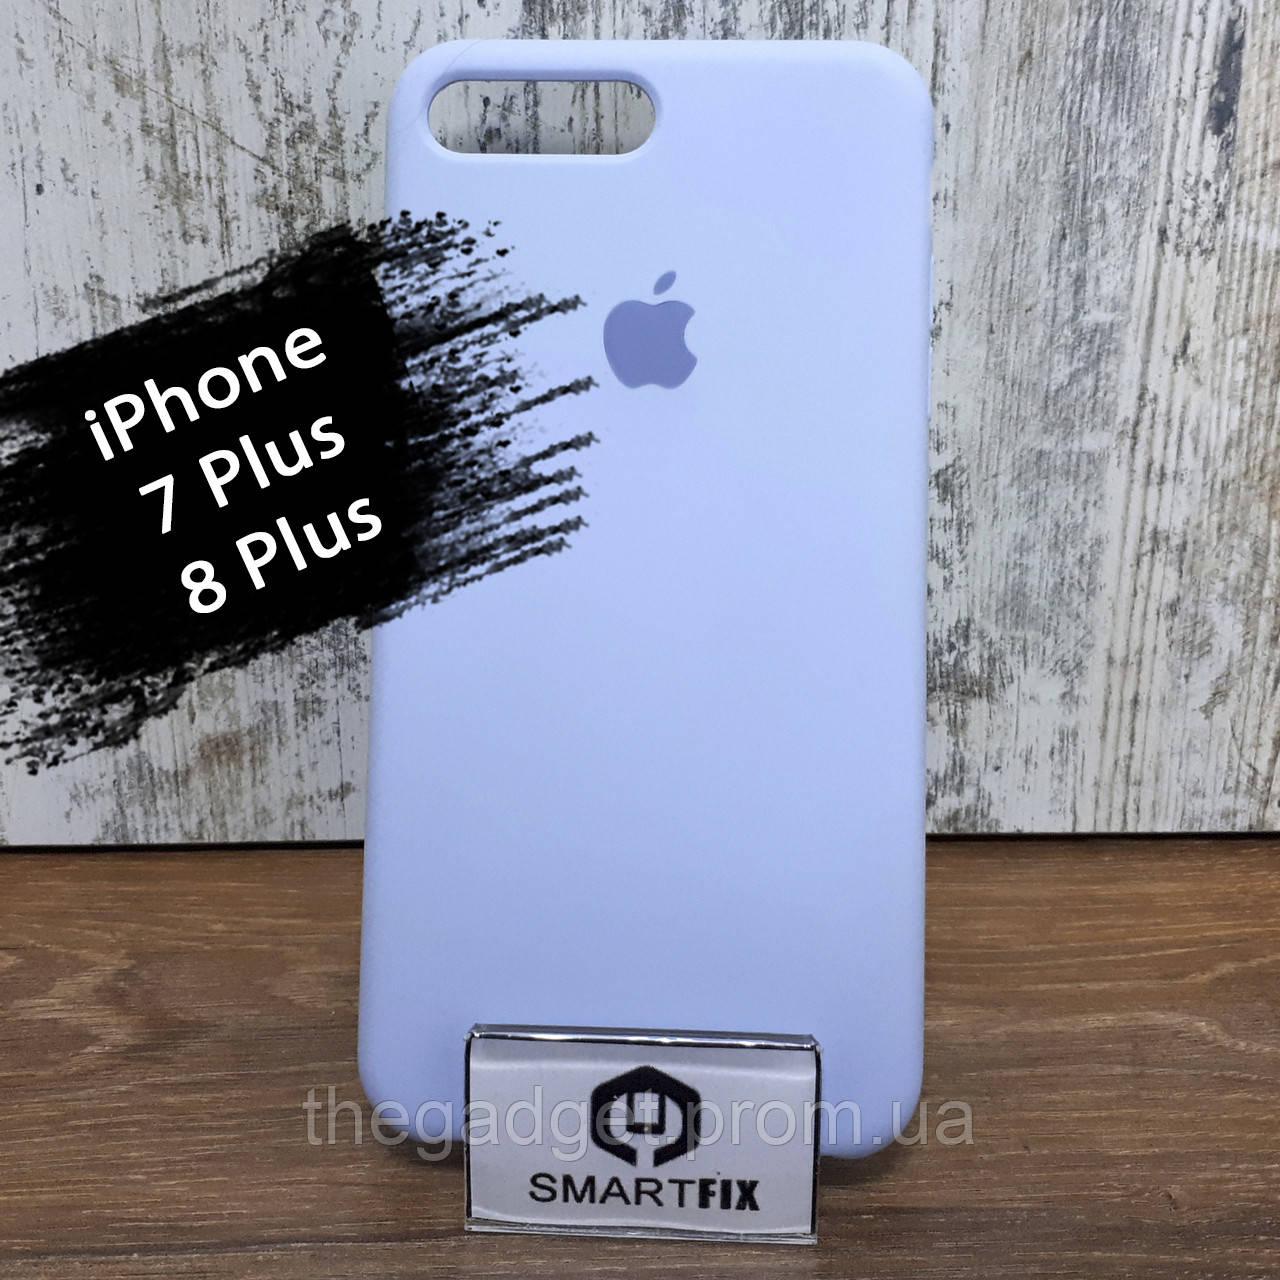 Силиконовый чехол для iPhone 7 Plus / iPhone 8 Plus Soft Голубой